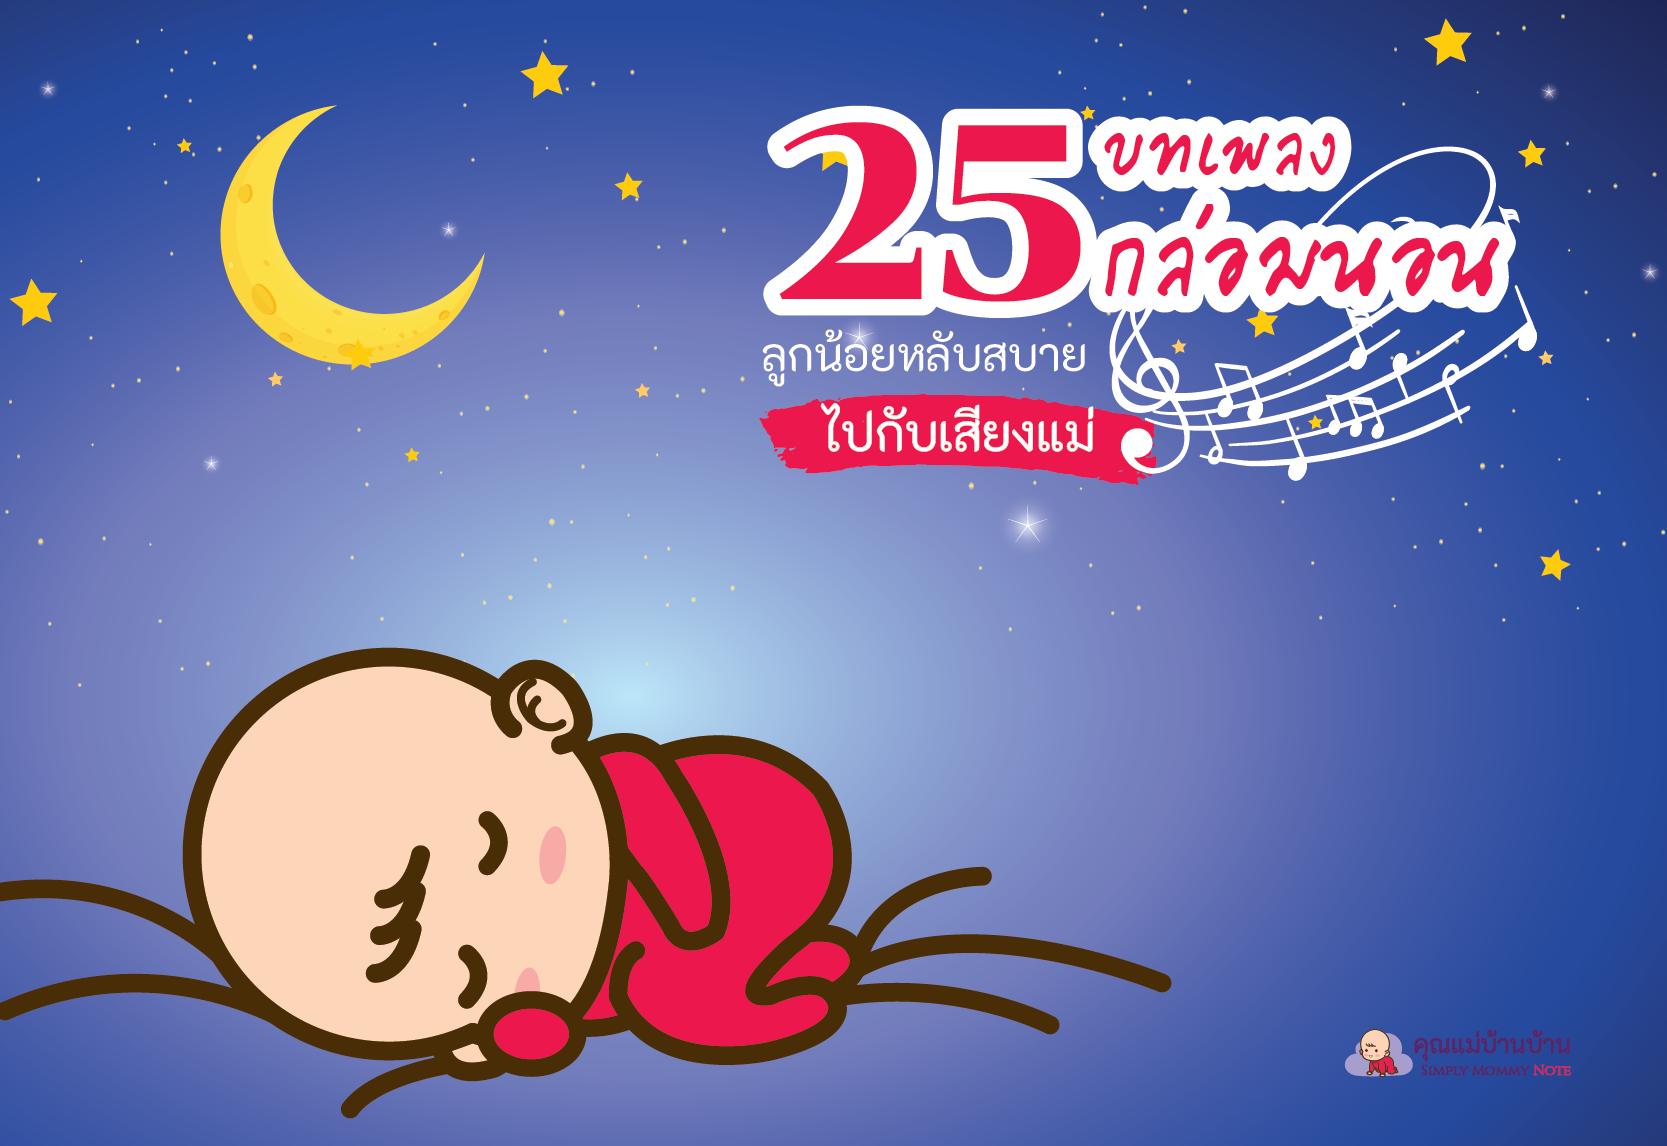 25 บทเพลงกล่อมนอน ลูกน้อยหลับสบายไปกับเสียงแม่